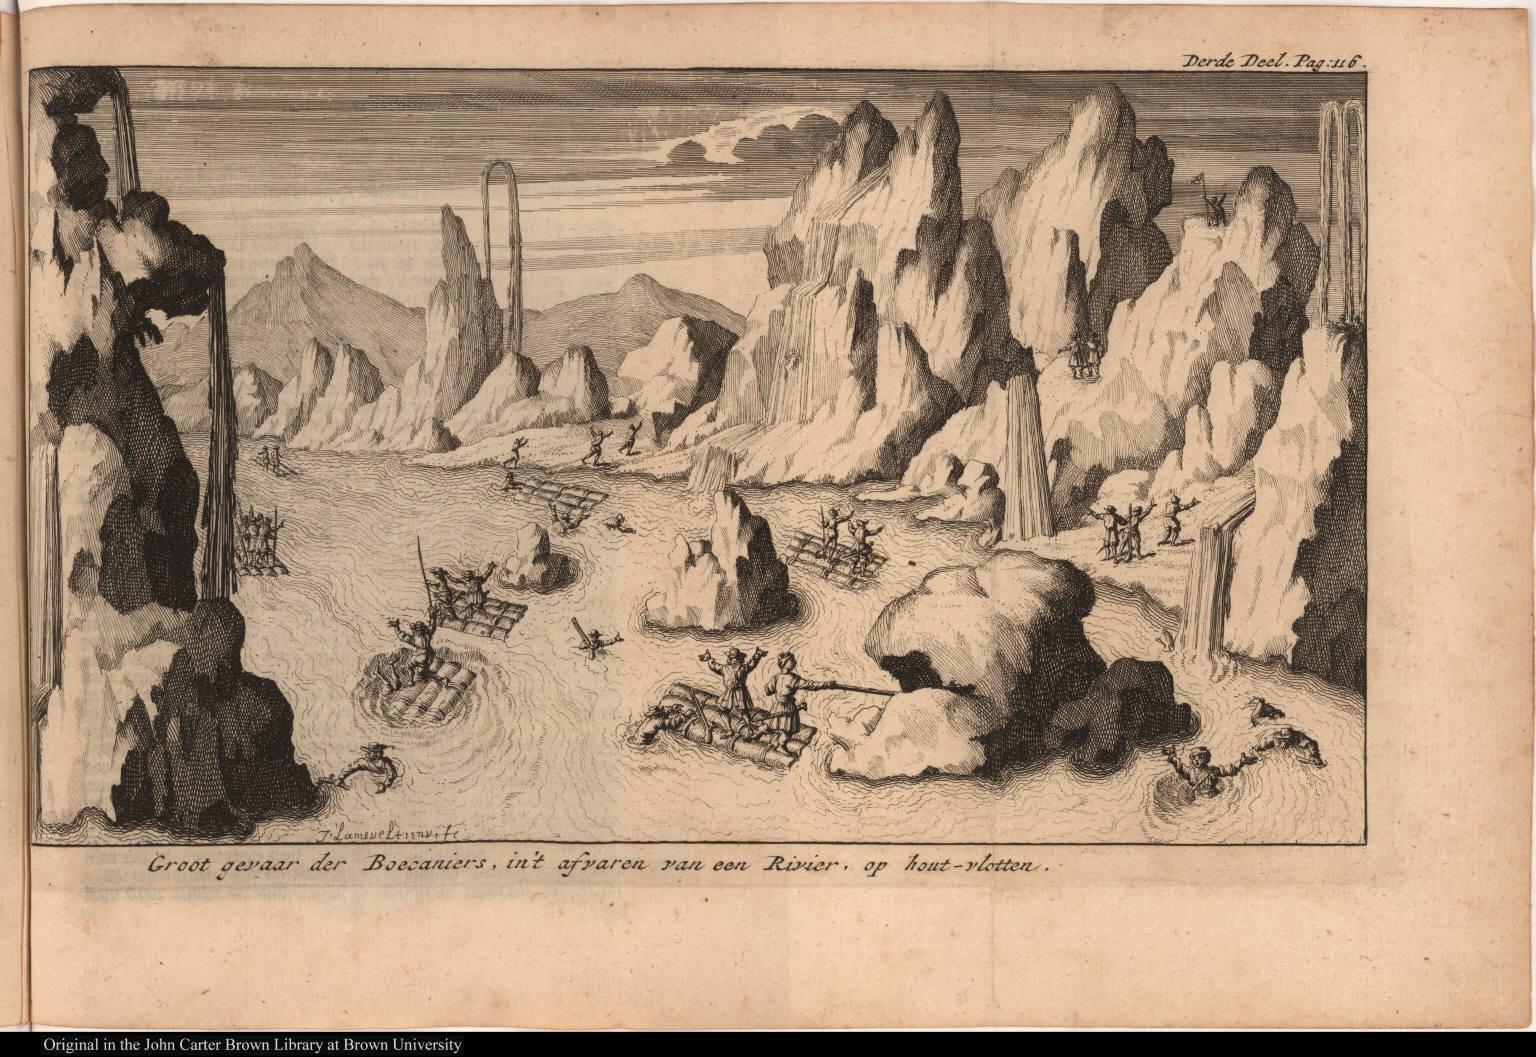 Groot gevaar der Boecaniers, in't afvaren van een Rivier, op hout-vlotten.